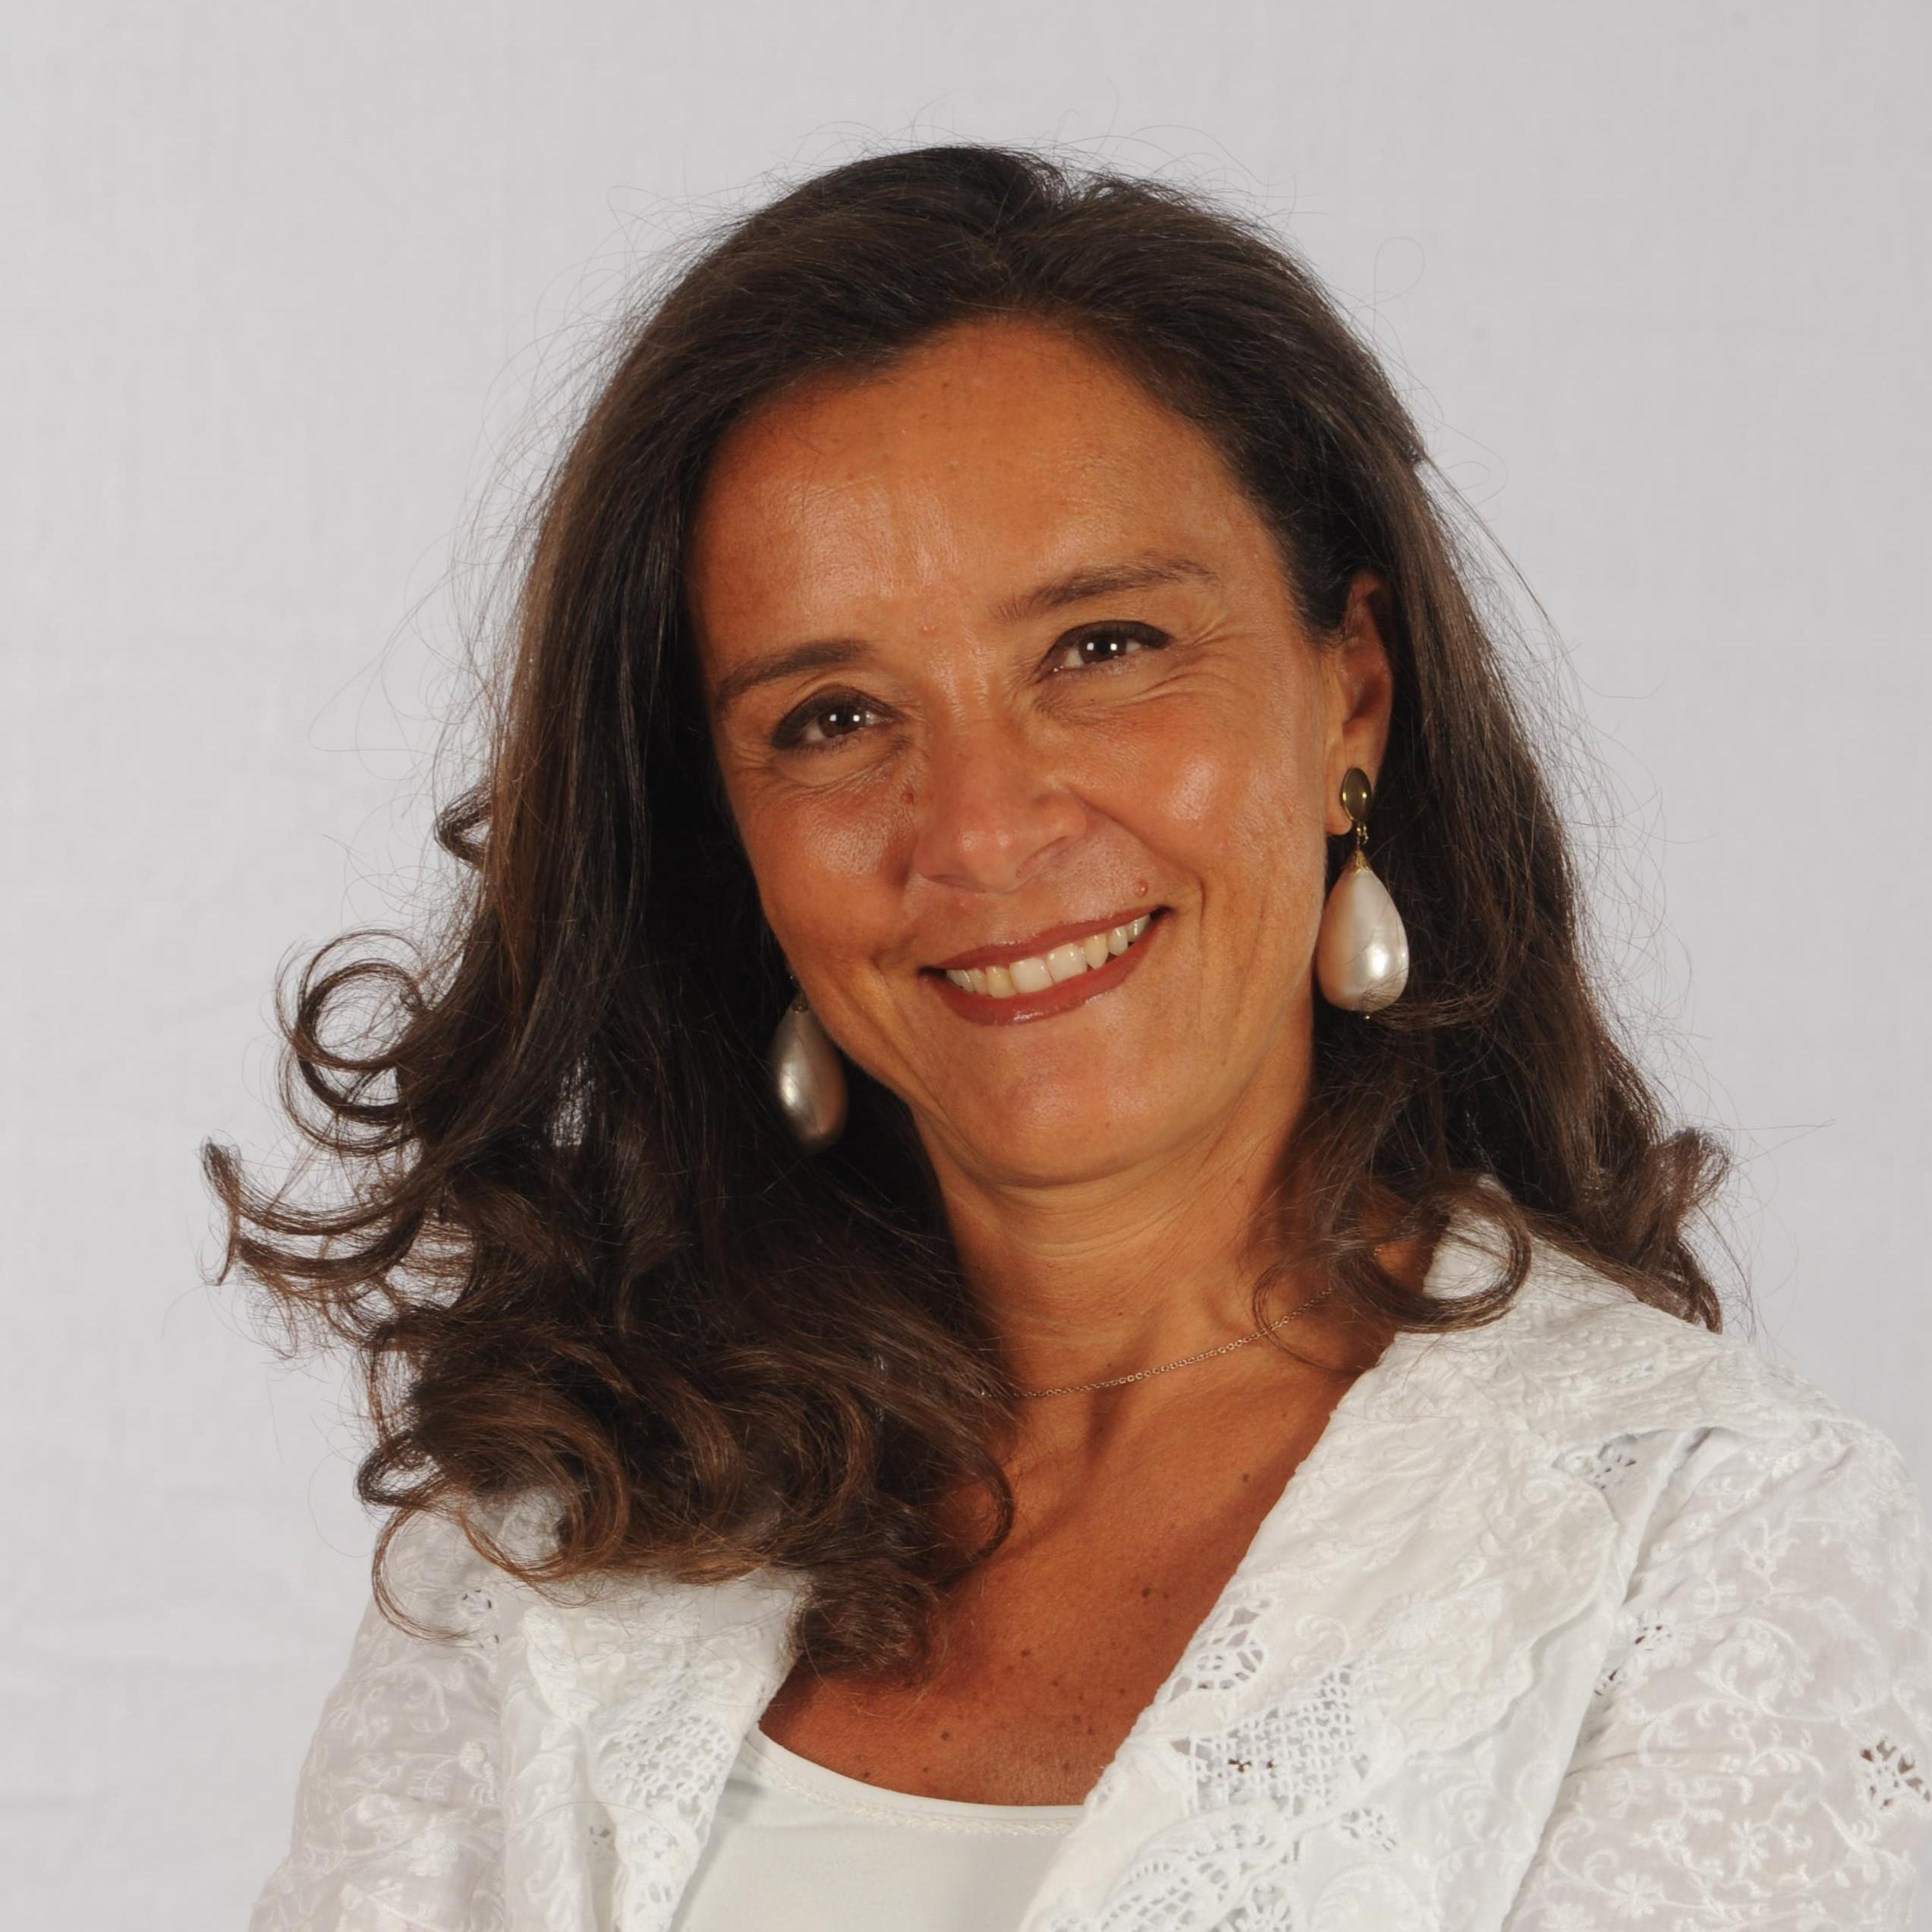 Gabriella Scapicchio, Responsabile Innovation Lab di Agos